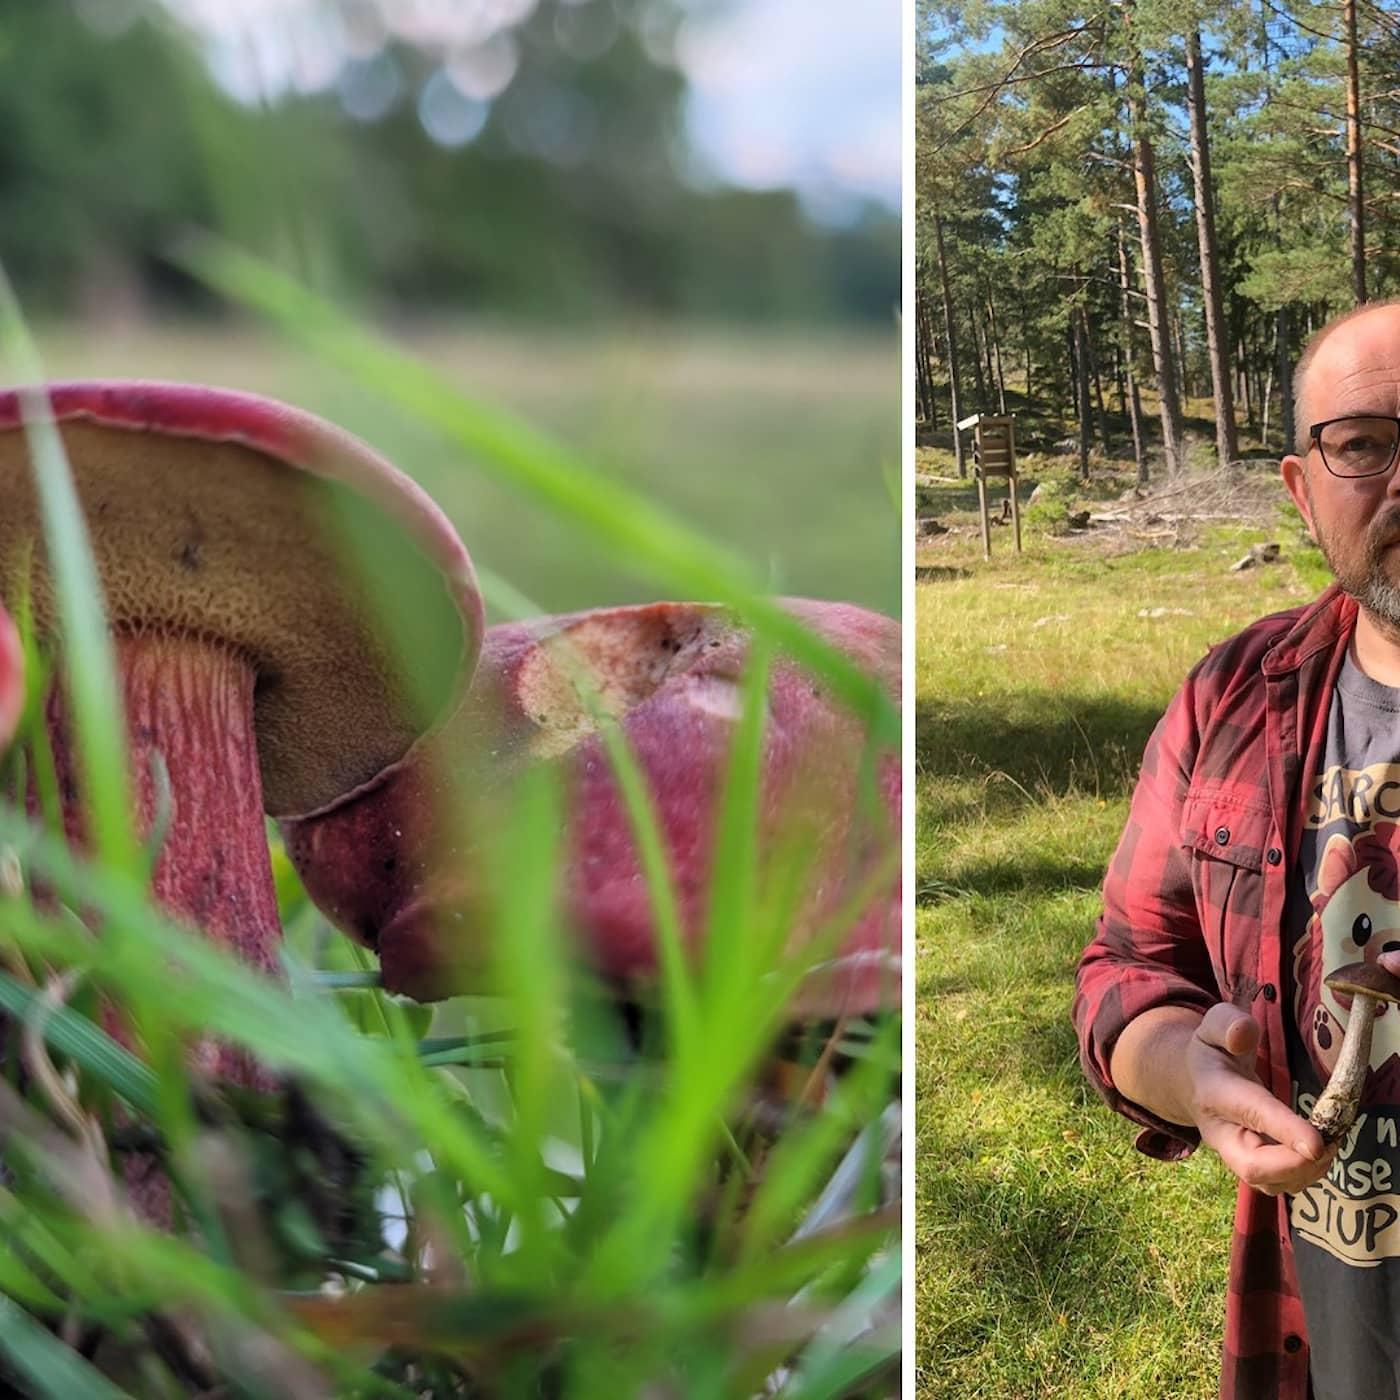 Svamparnas okända nätverk under jorden hjälper träden och klimatet